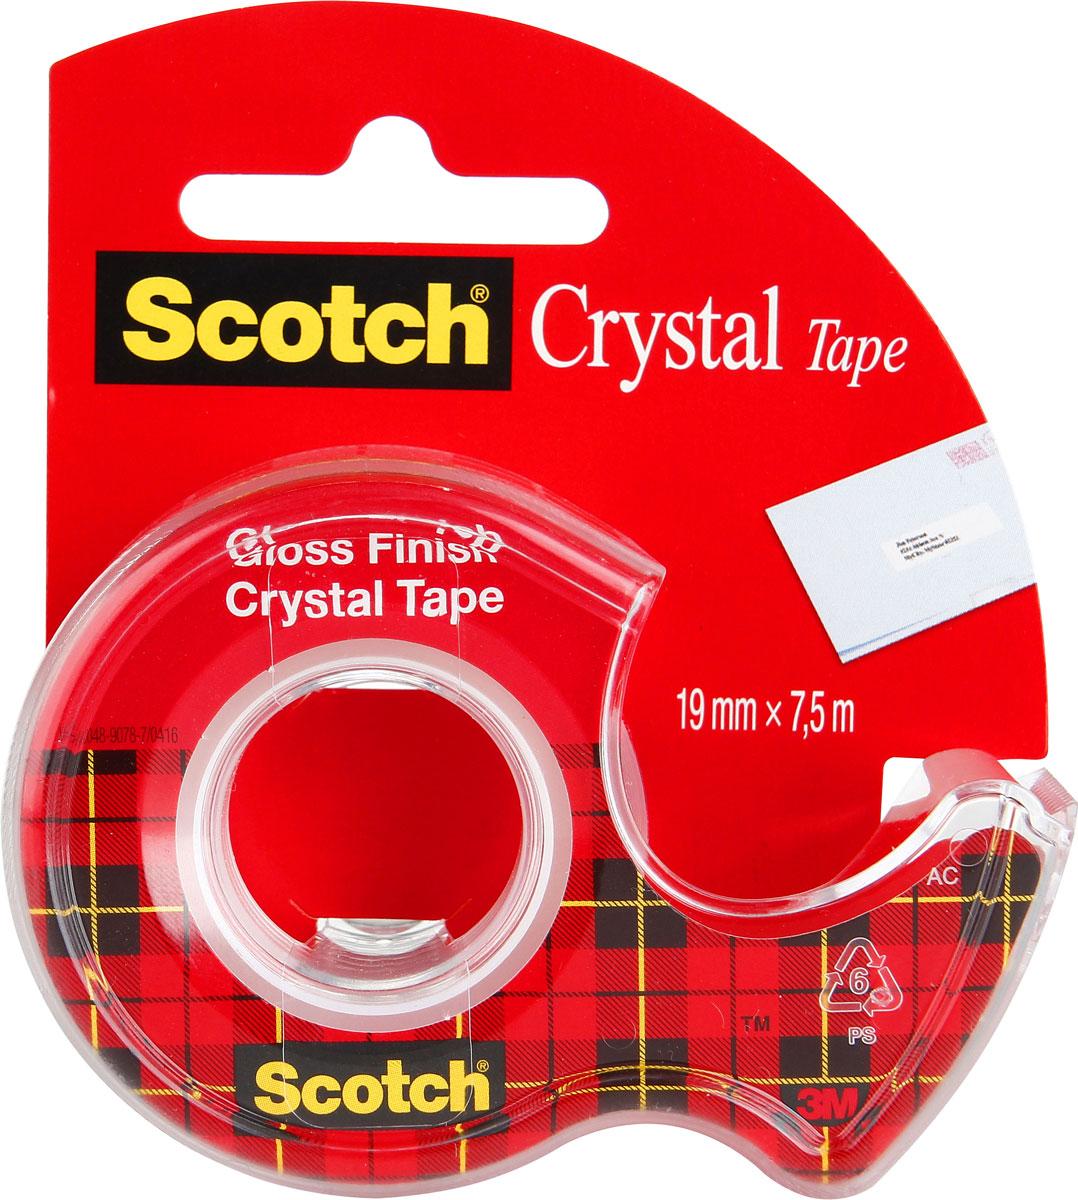 3M Клейкая лента Crystal 19 х 7500 мм6-1975D**Кристально прозрачная канцелярская клейкая лента 3M Crystal идеально подходит для работы в офисе, для ламинации документов и упаковки подарков. Легко и бесшумно разматывается, а при необходимости легко отрывается руками. Отлично приклеивается, не желтеет, долго хранится.Для компактной клейкой ленты на маленьком диспенсере с пластиковым ножом легко найдется место на рабочем столе в офисе и дома.Уважаемые клиенты! Обращаем ваше внимание на то, что упаковка может иметь несколько видов дизайна. Поставка осуществляется в зависимости от наличия на складе.